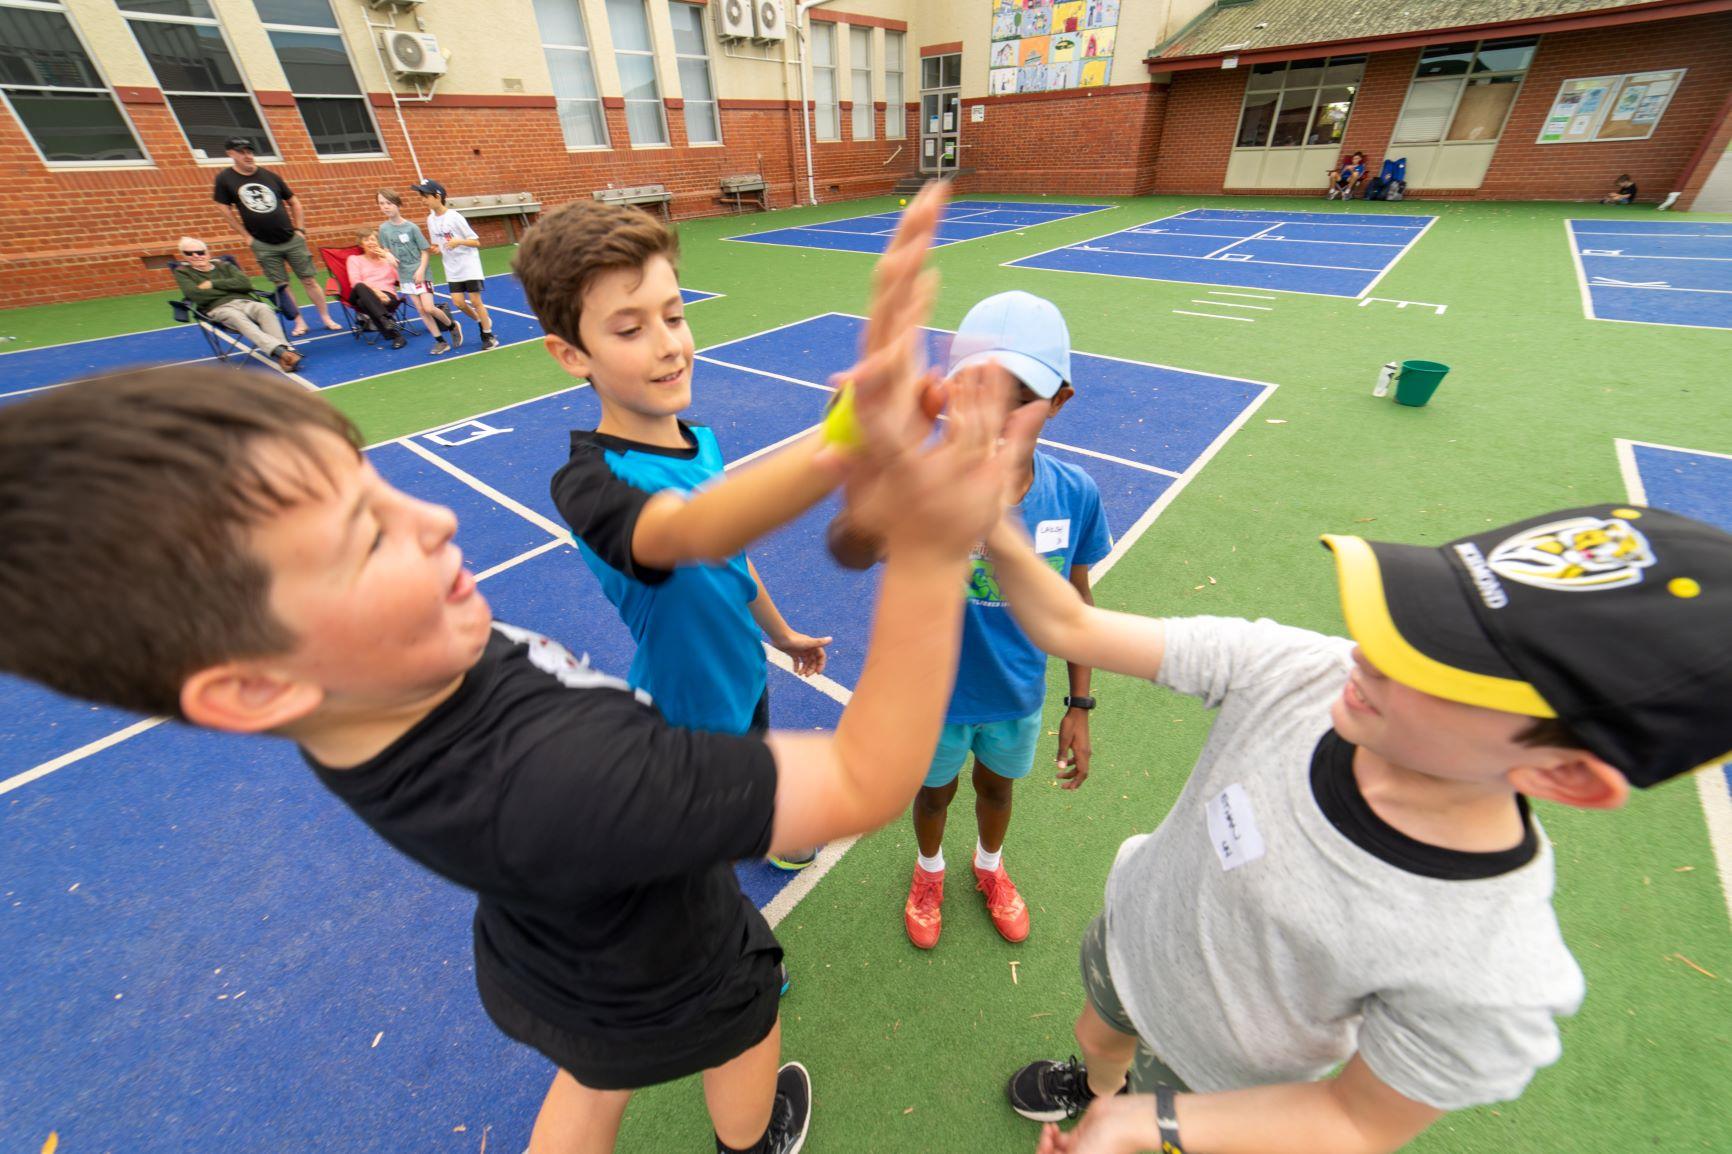 handball-activity-1